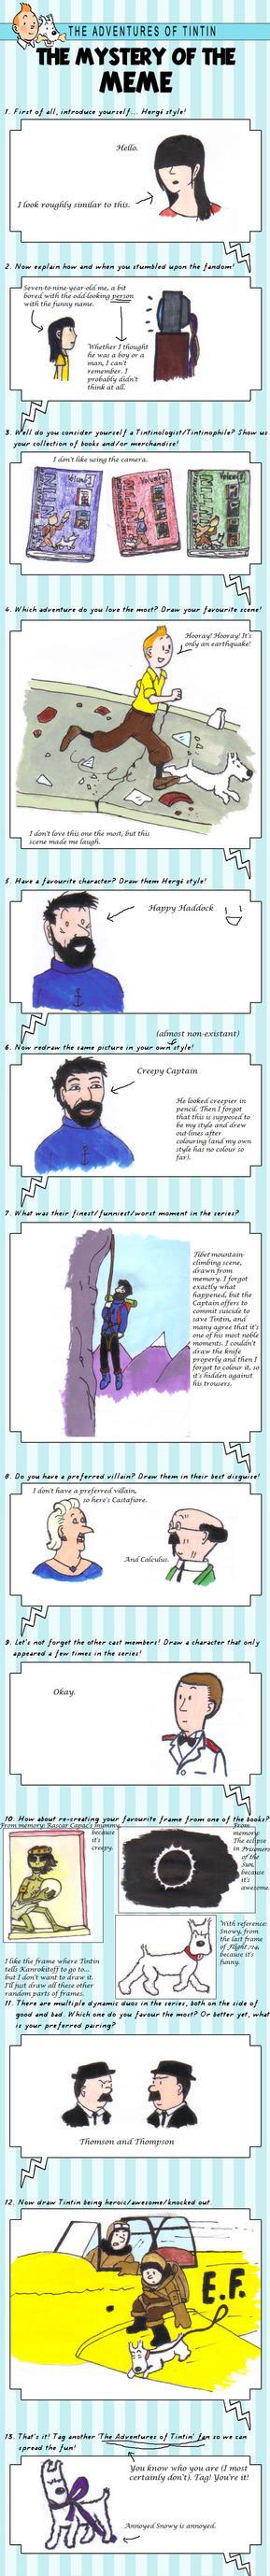 XtreamCrazy's Tintin Meme by TrickyTiara